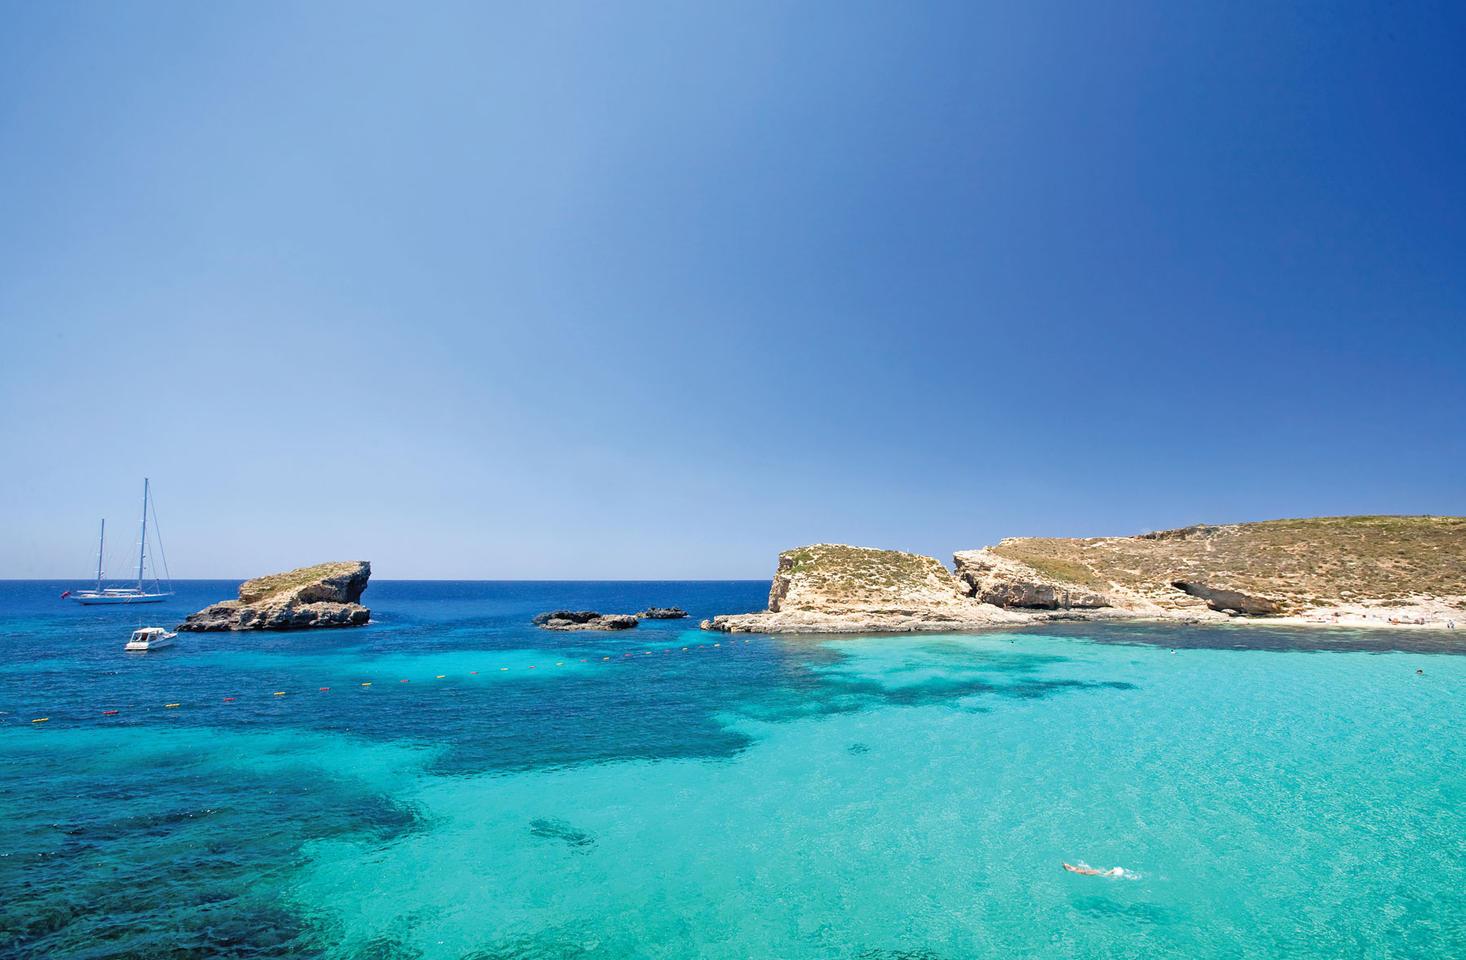 Tutti a Malta! Mare splendido, natura, relax e magari anche un corso di inglese